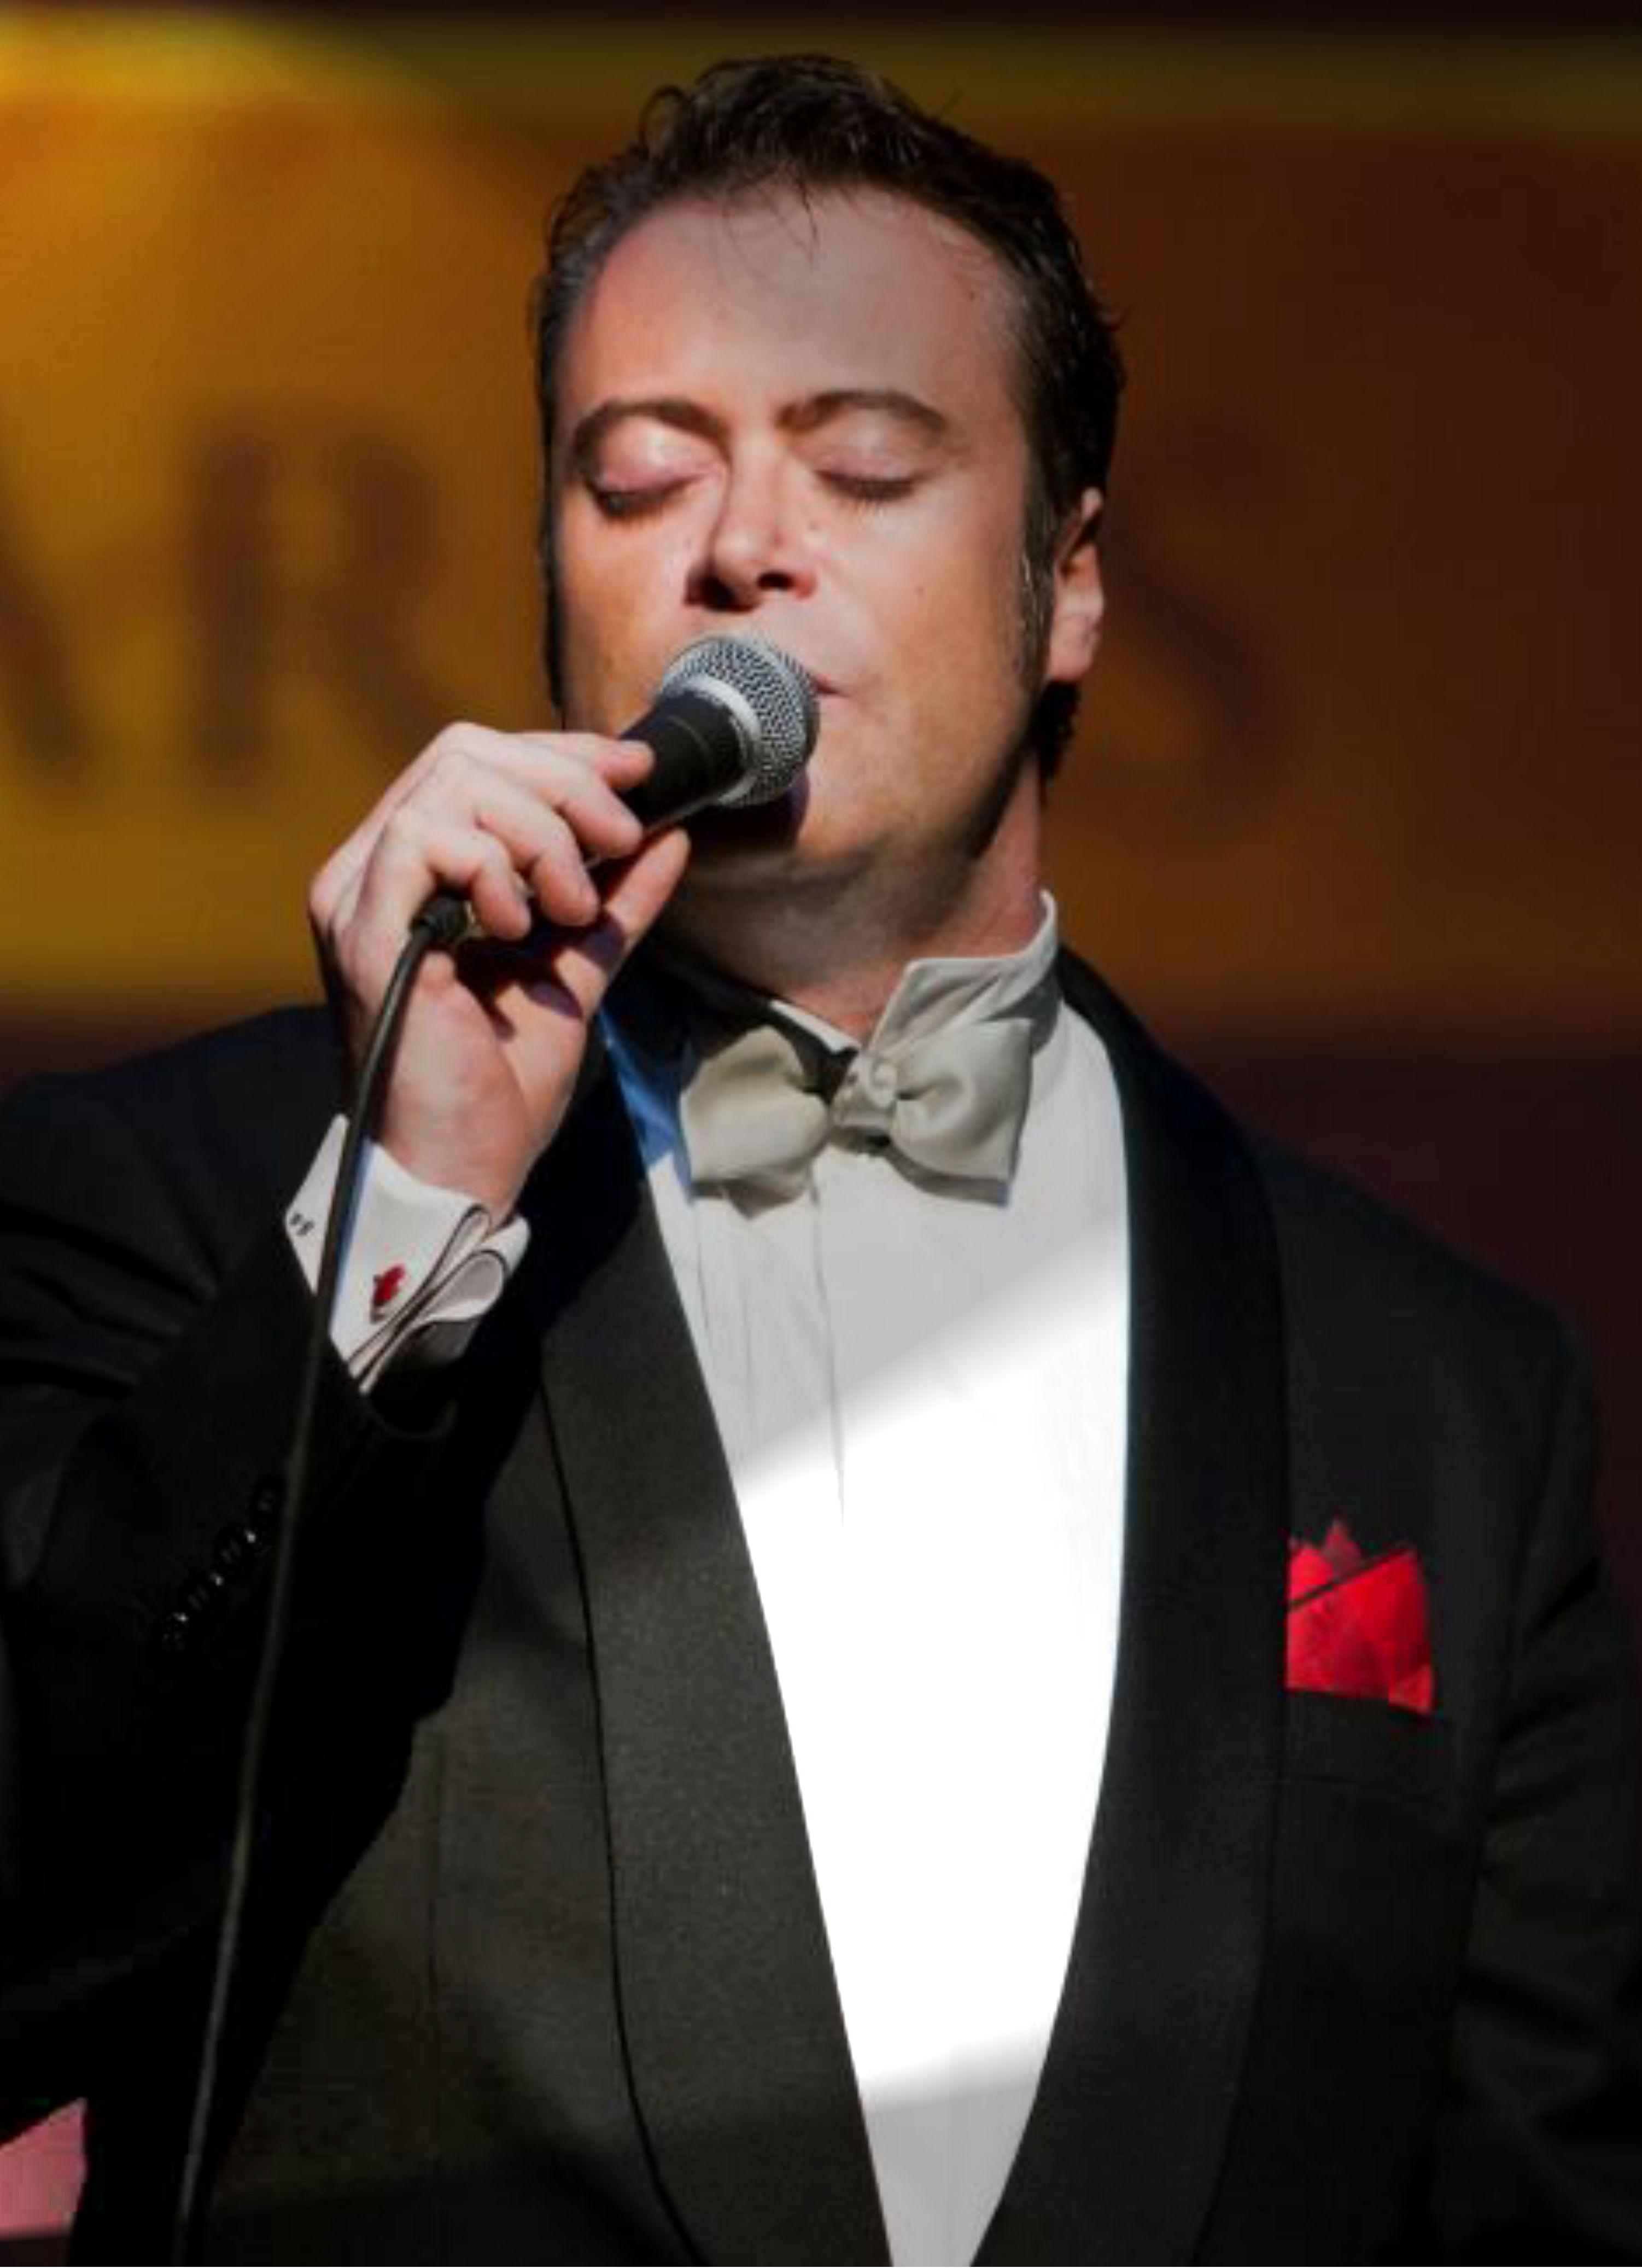 Javier Arias interpretará esta noche grandes éxitos de artistas como Sinatra en el Morticia 1